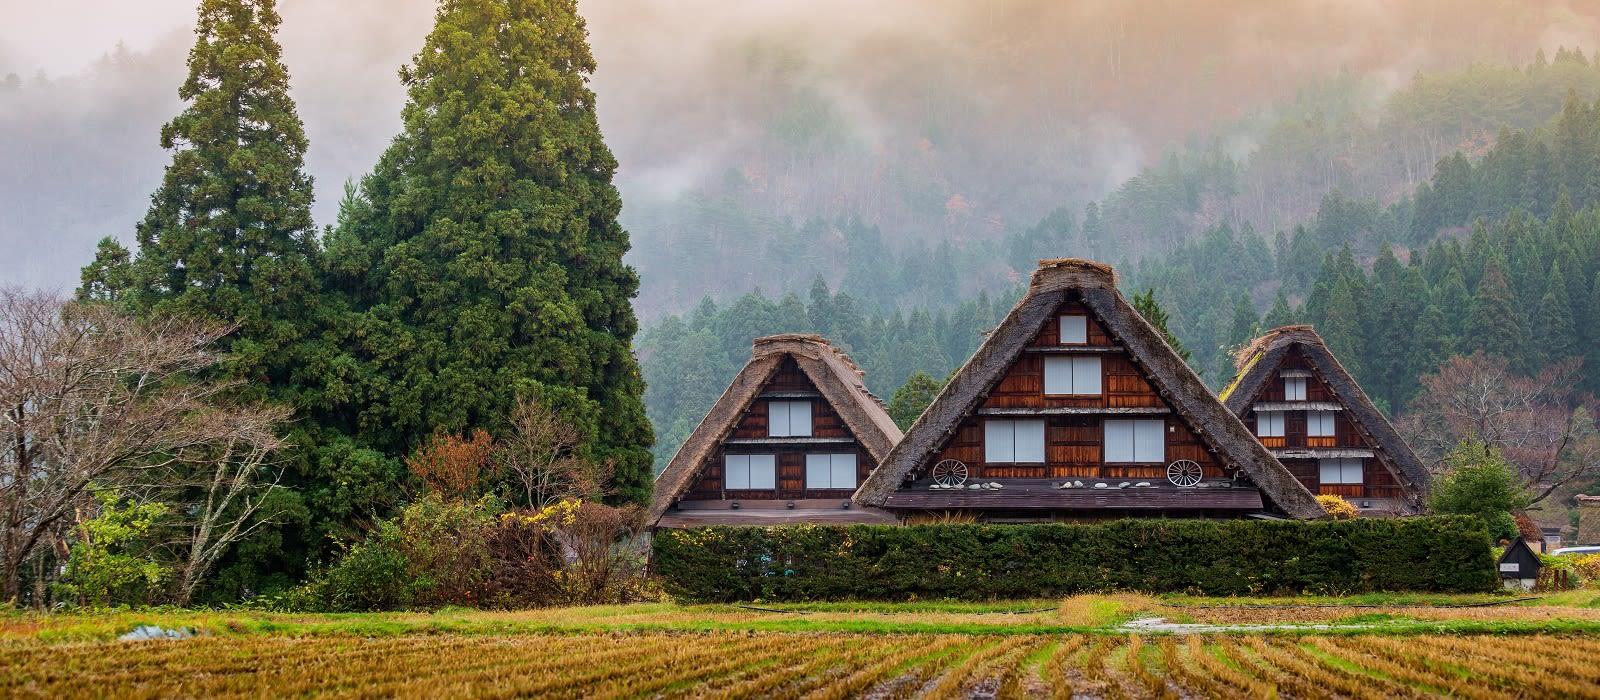 Japans verborgene Schätze Urlaub 3